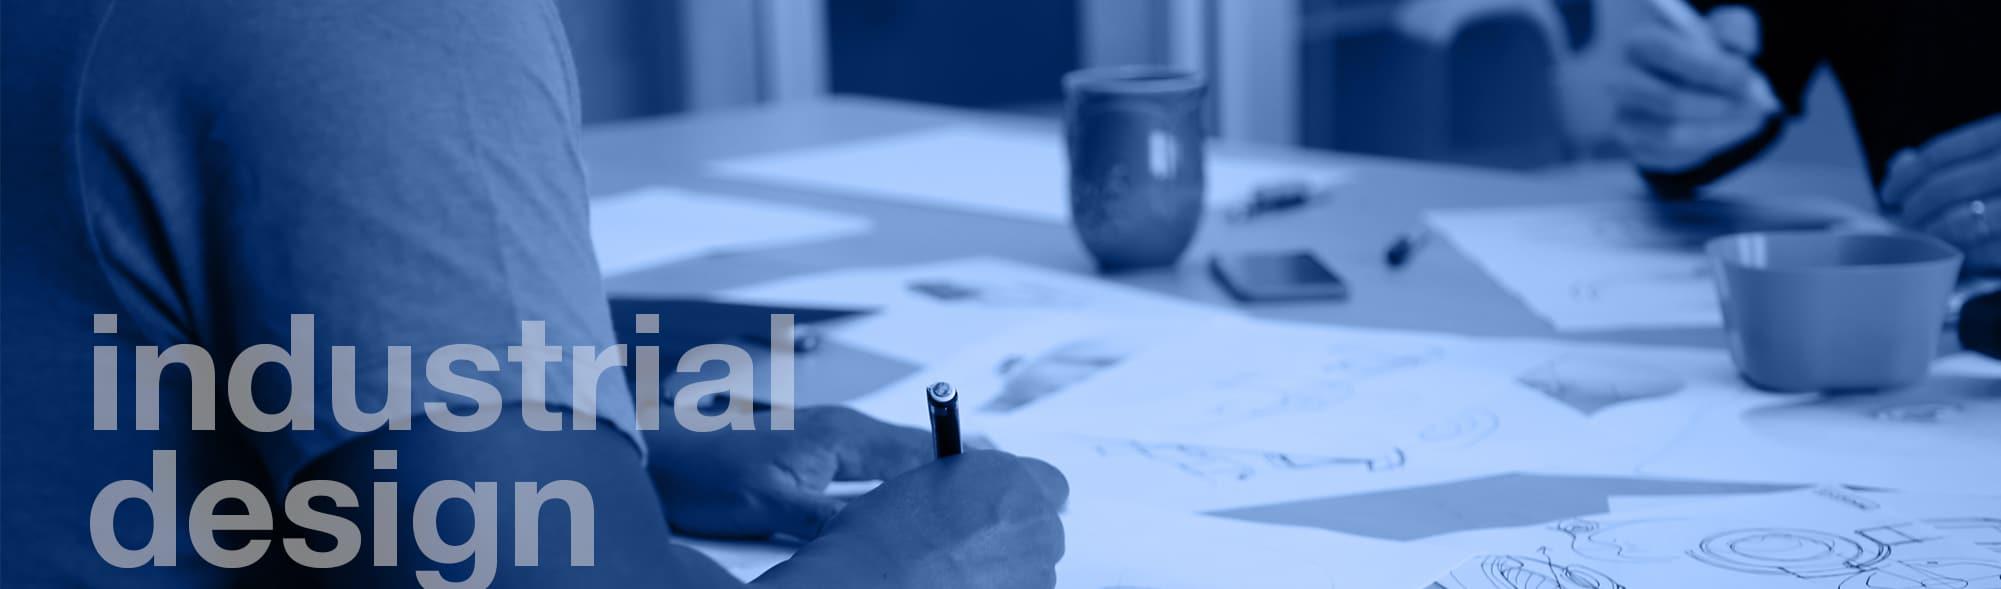 Industrial design services consumer electronics product for Industrial design services